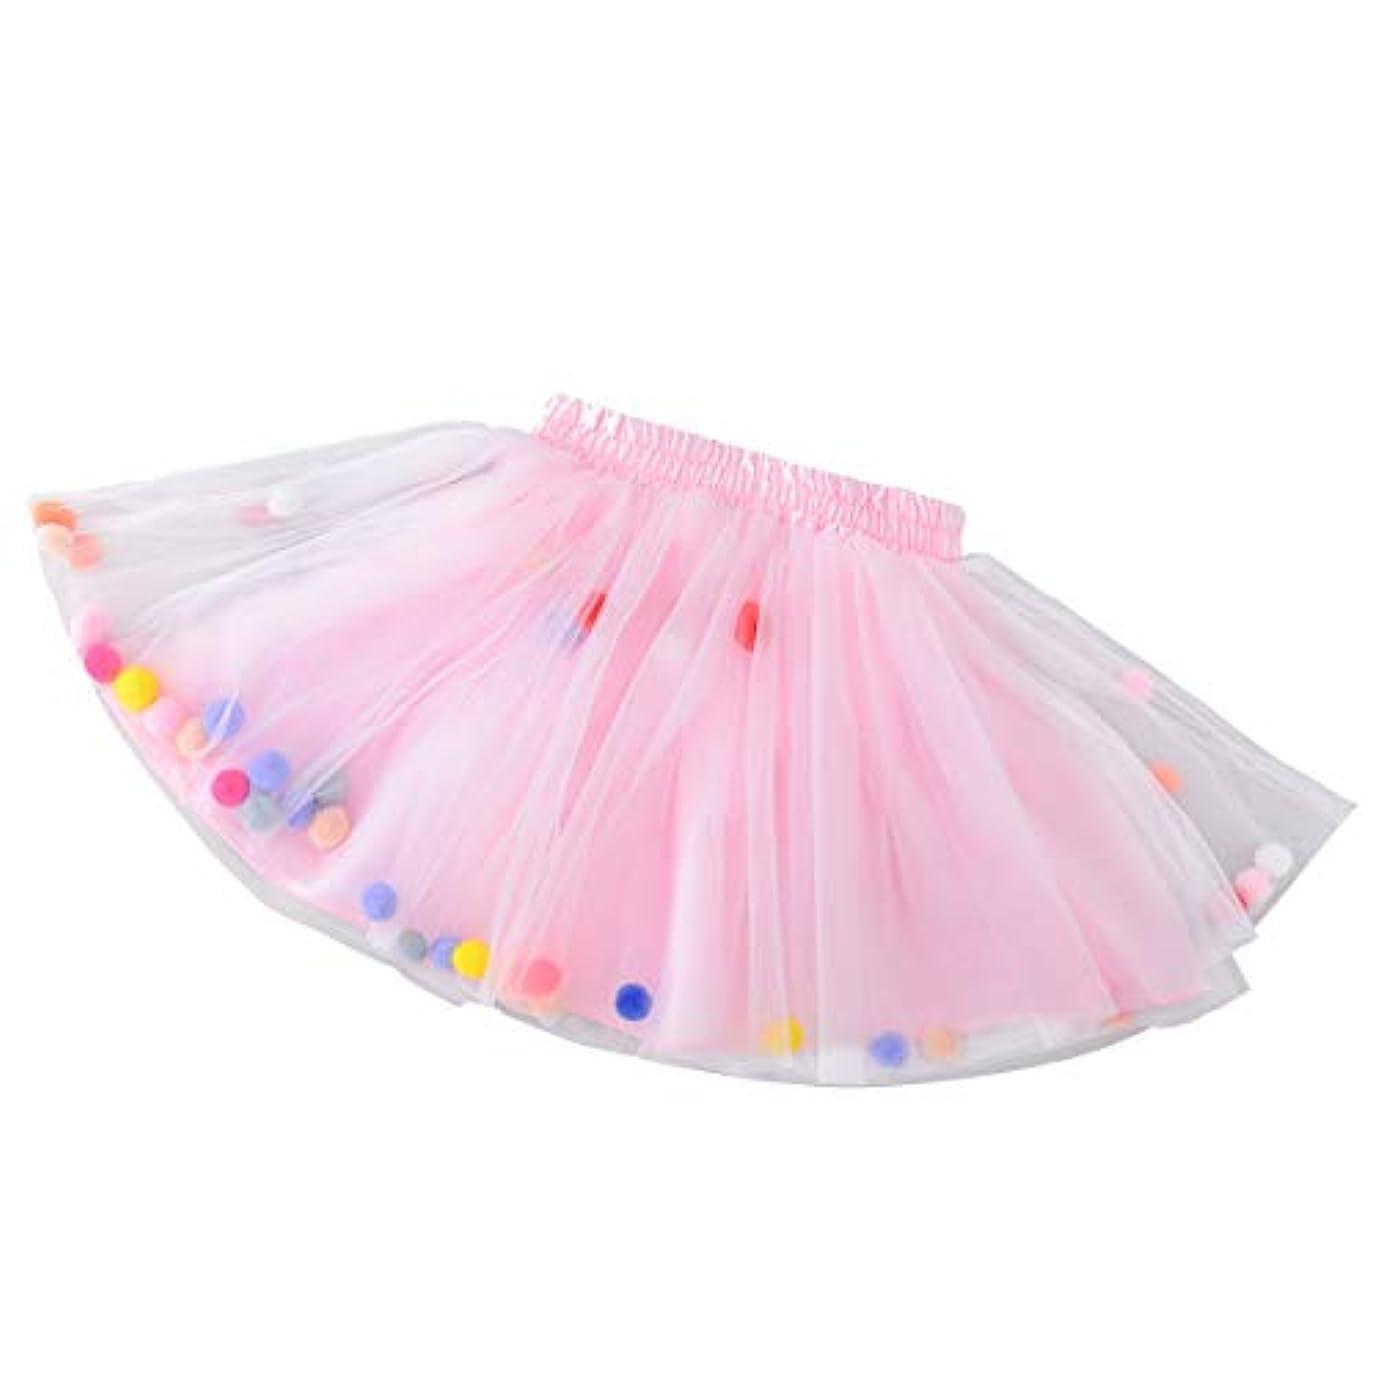 受け入れるバイナリ偏差YeahiBaby 子供チュチュスカートラブリーピンクミディスカートカラフルなファジィボールガーゼスカートプリンセスドレス衣装用女の子(サイズm)